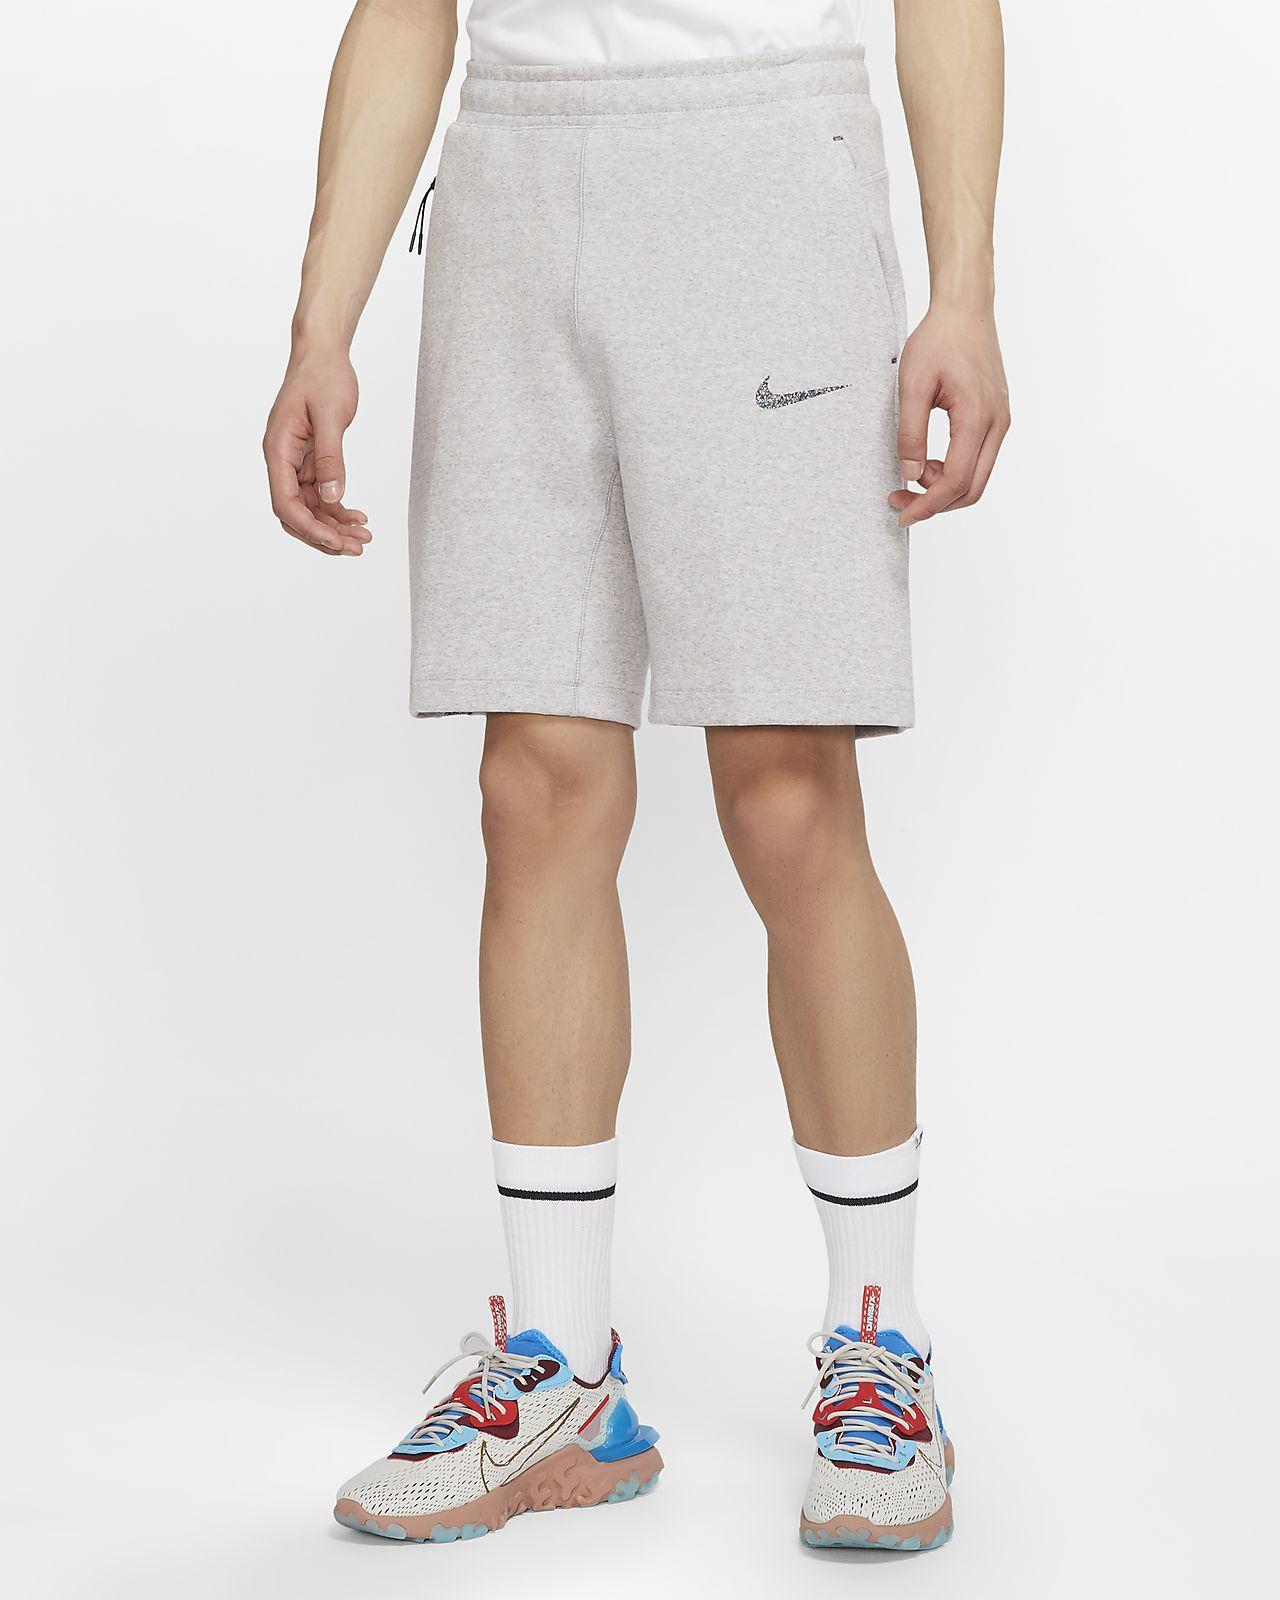 Nike 50 Men's Shorts